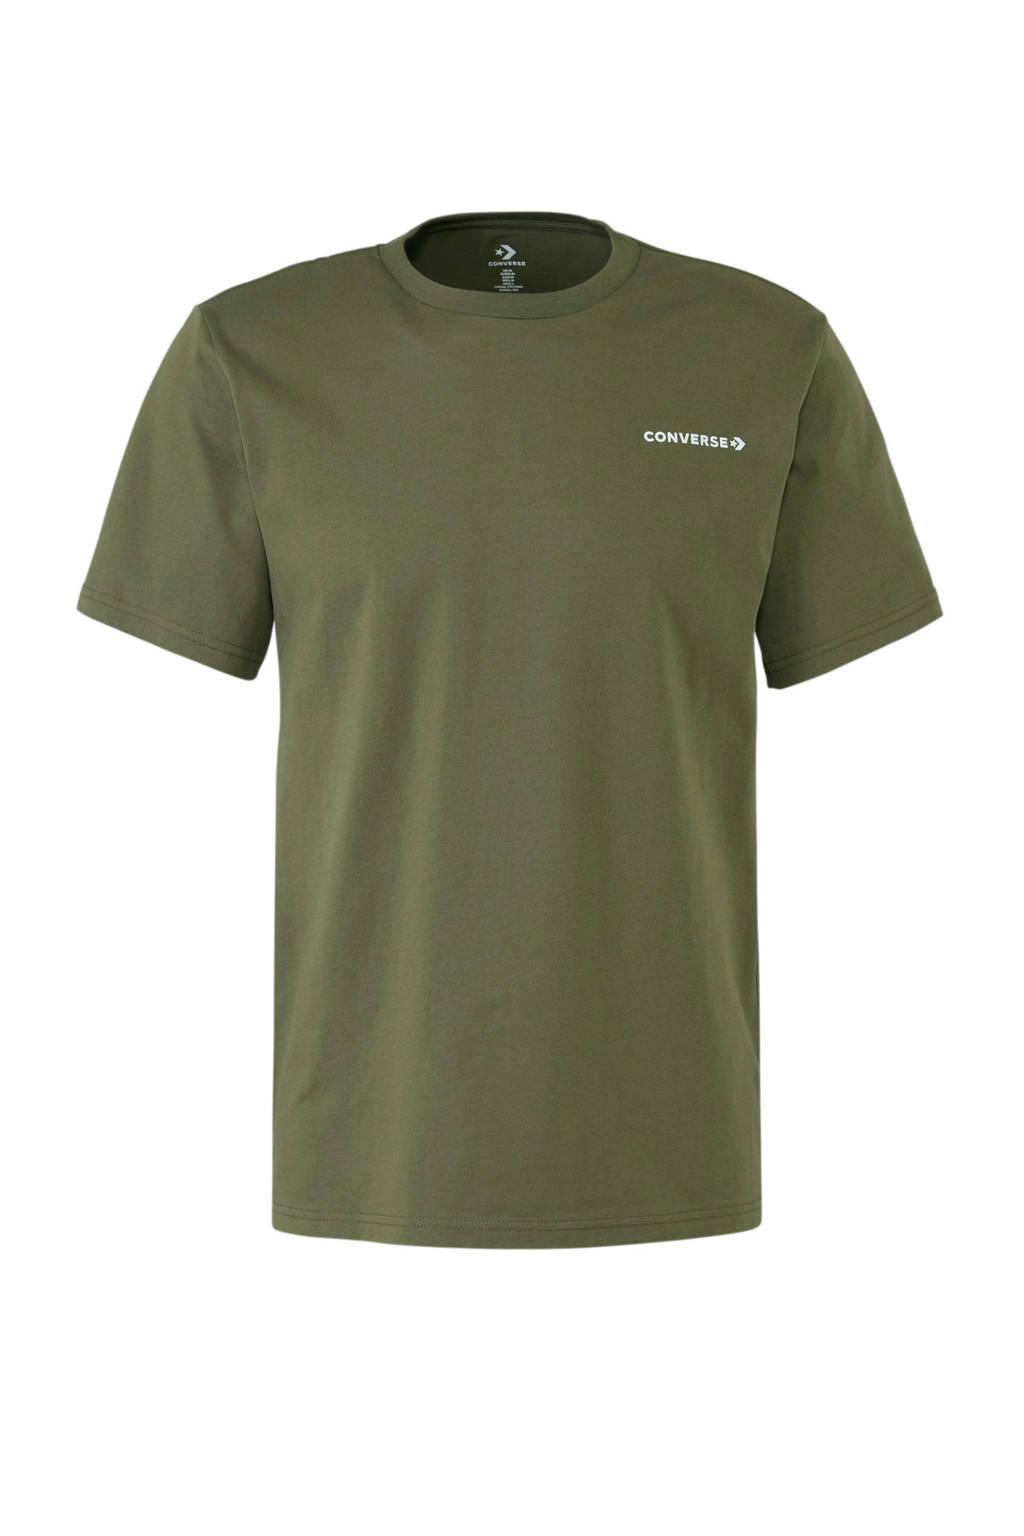 Converse   T-shirt olijfgroen, Olijfgroen